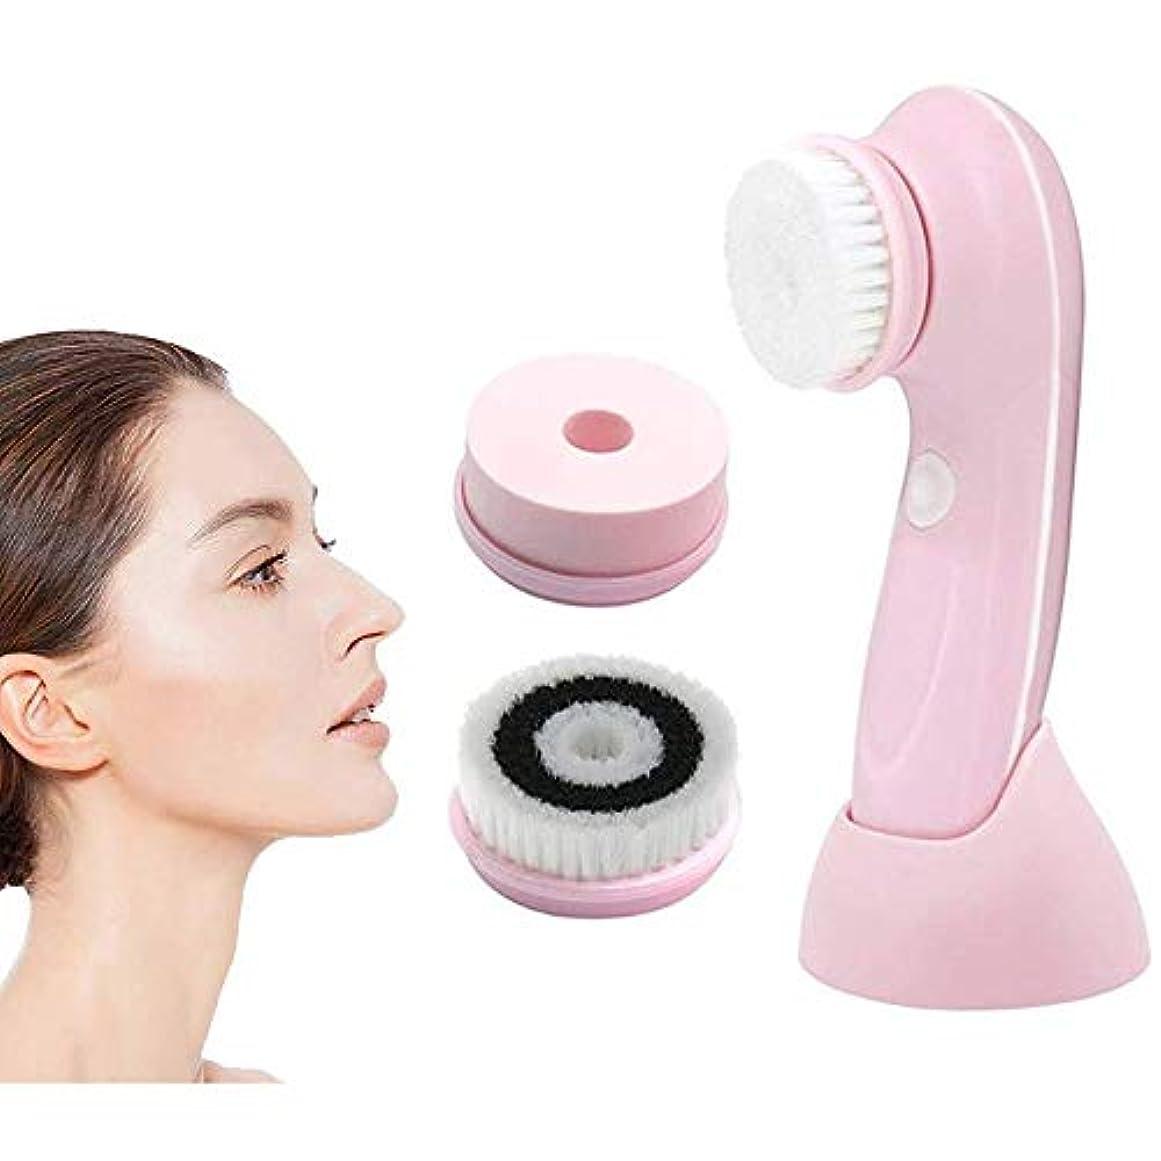 パッチやがて形状KJRJCD 洗顔ブラシ、3つの交換用ヘッドとエクスフォリエイティング、ブラックヘッド、ポータブル顔スクラバー用USB充電式プロフェッショナル洗顔ブラシ、ピンクスピニング